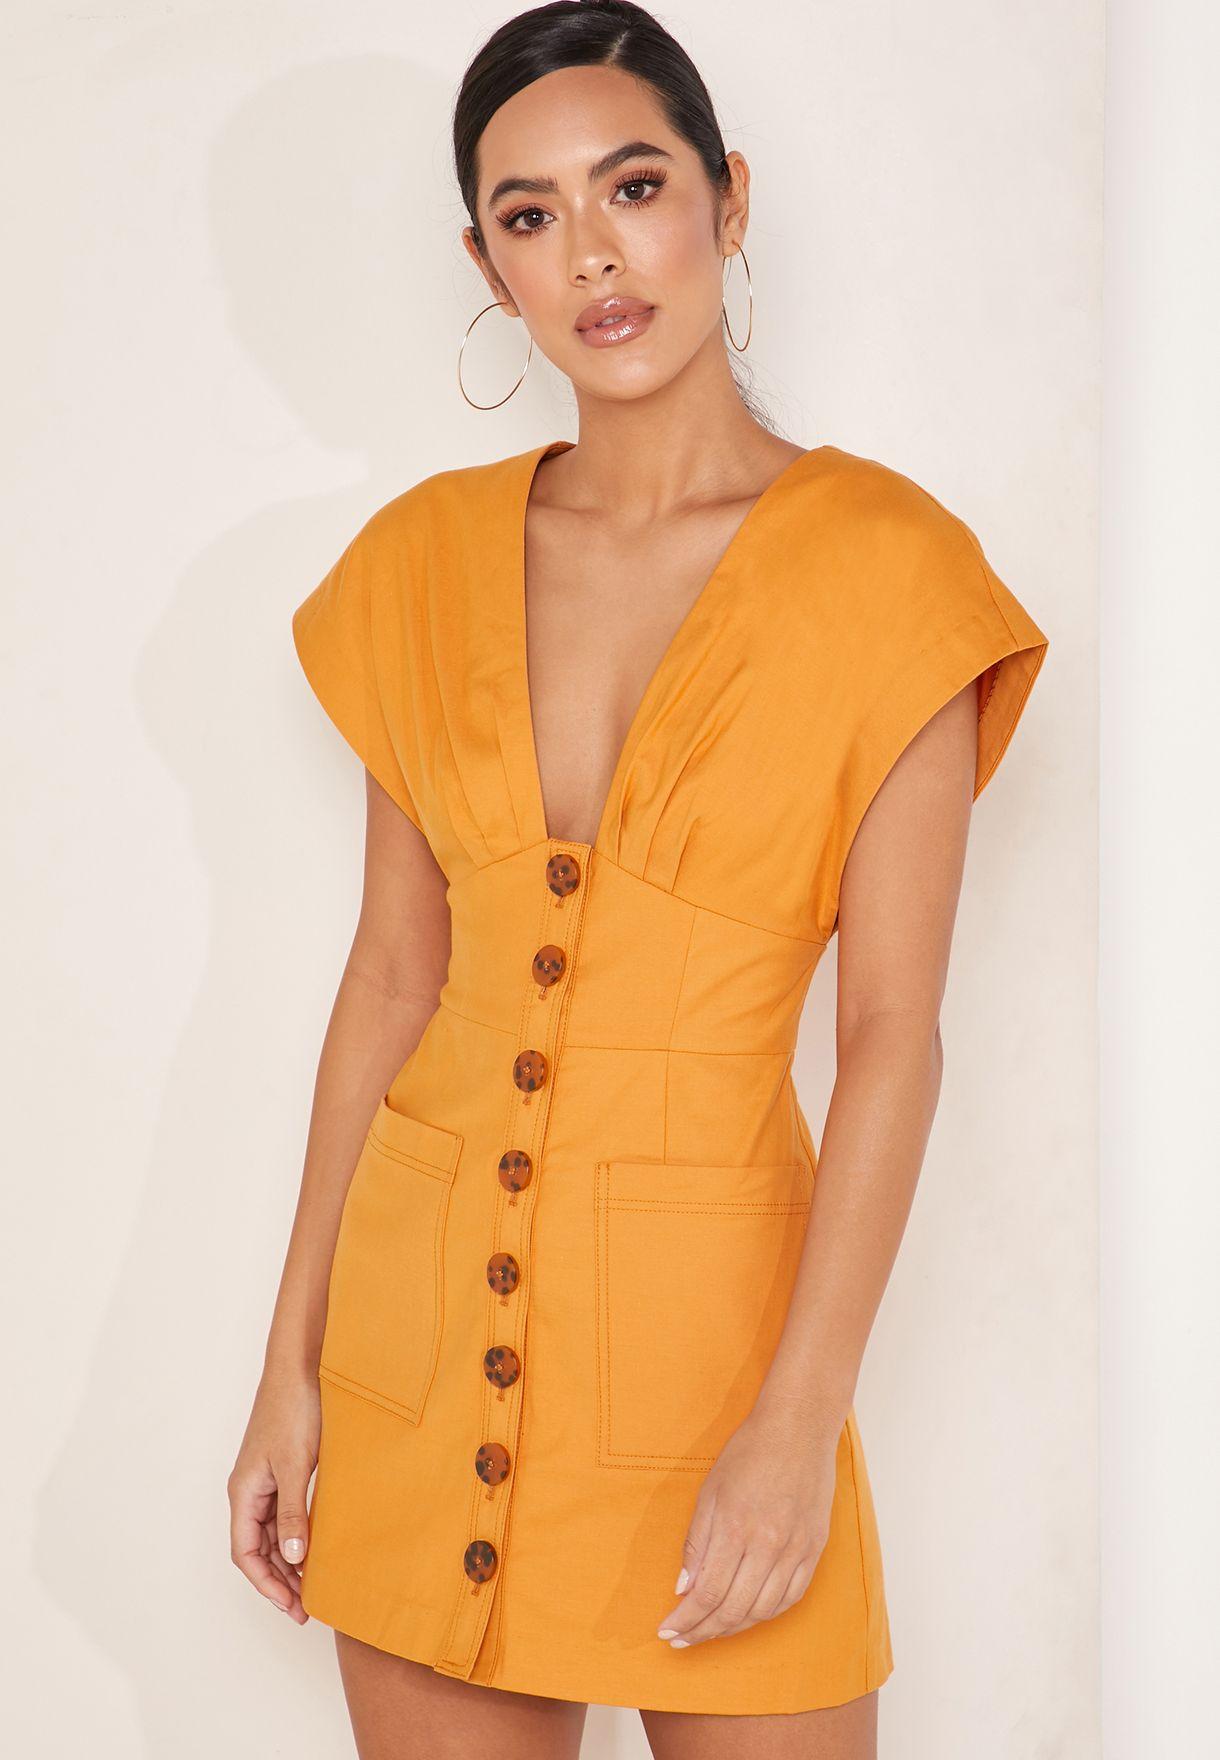 فستان قصير بأزرار امامية